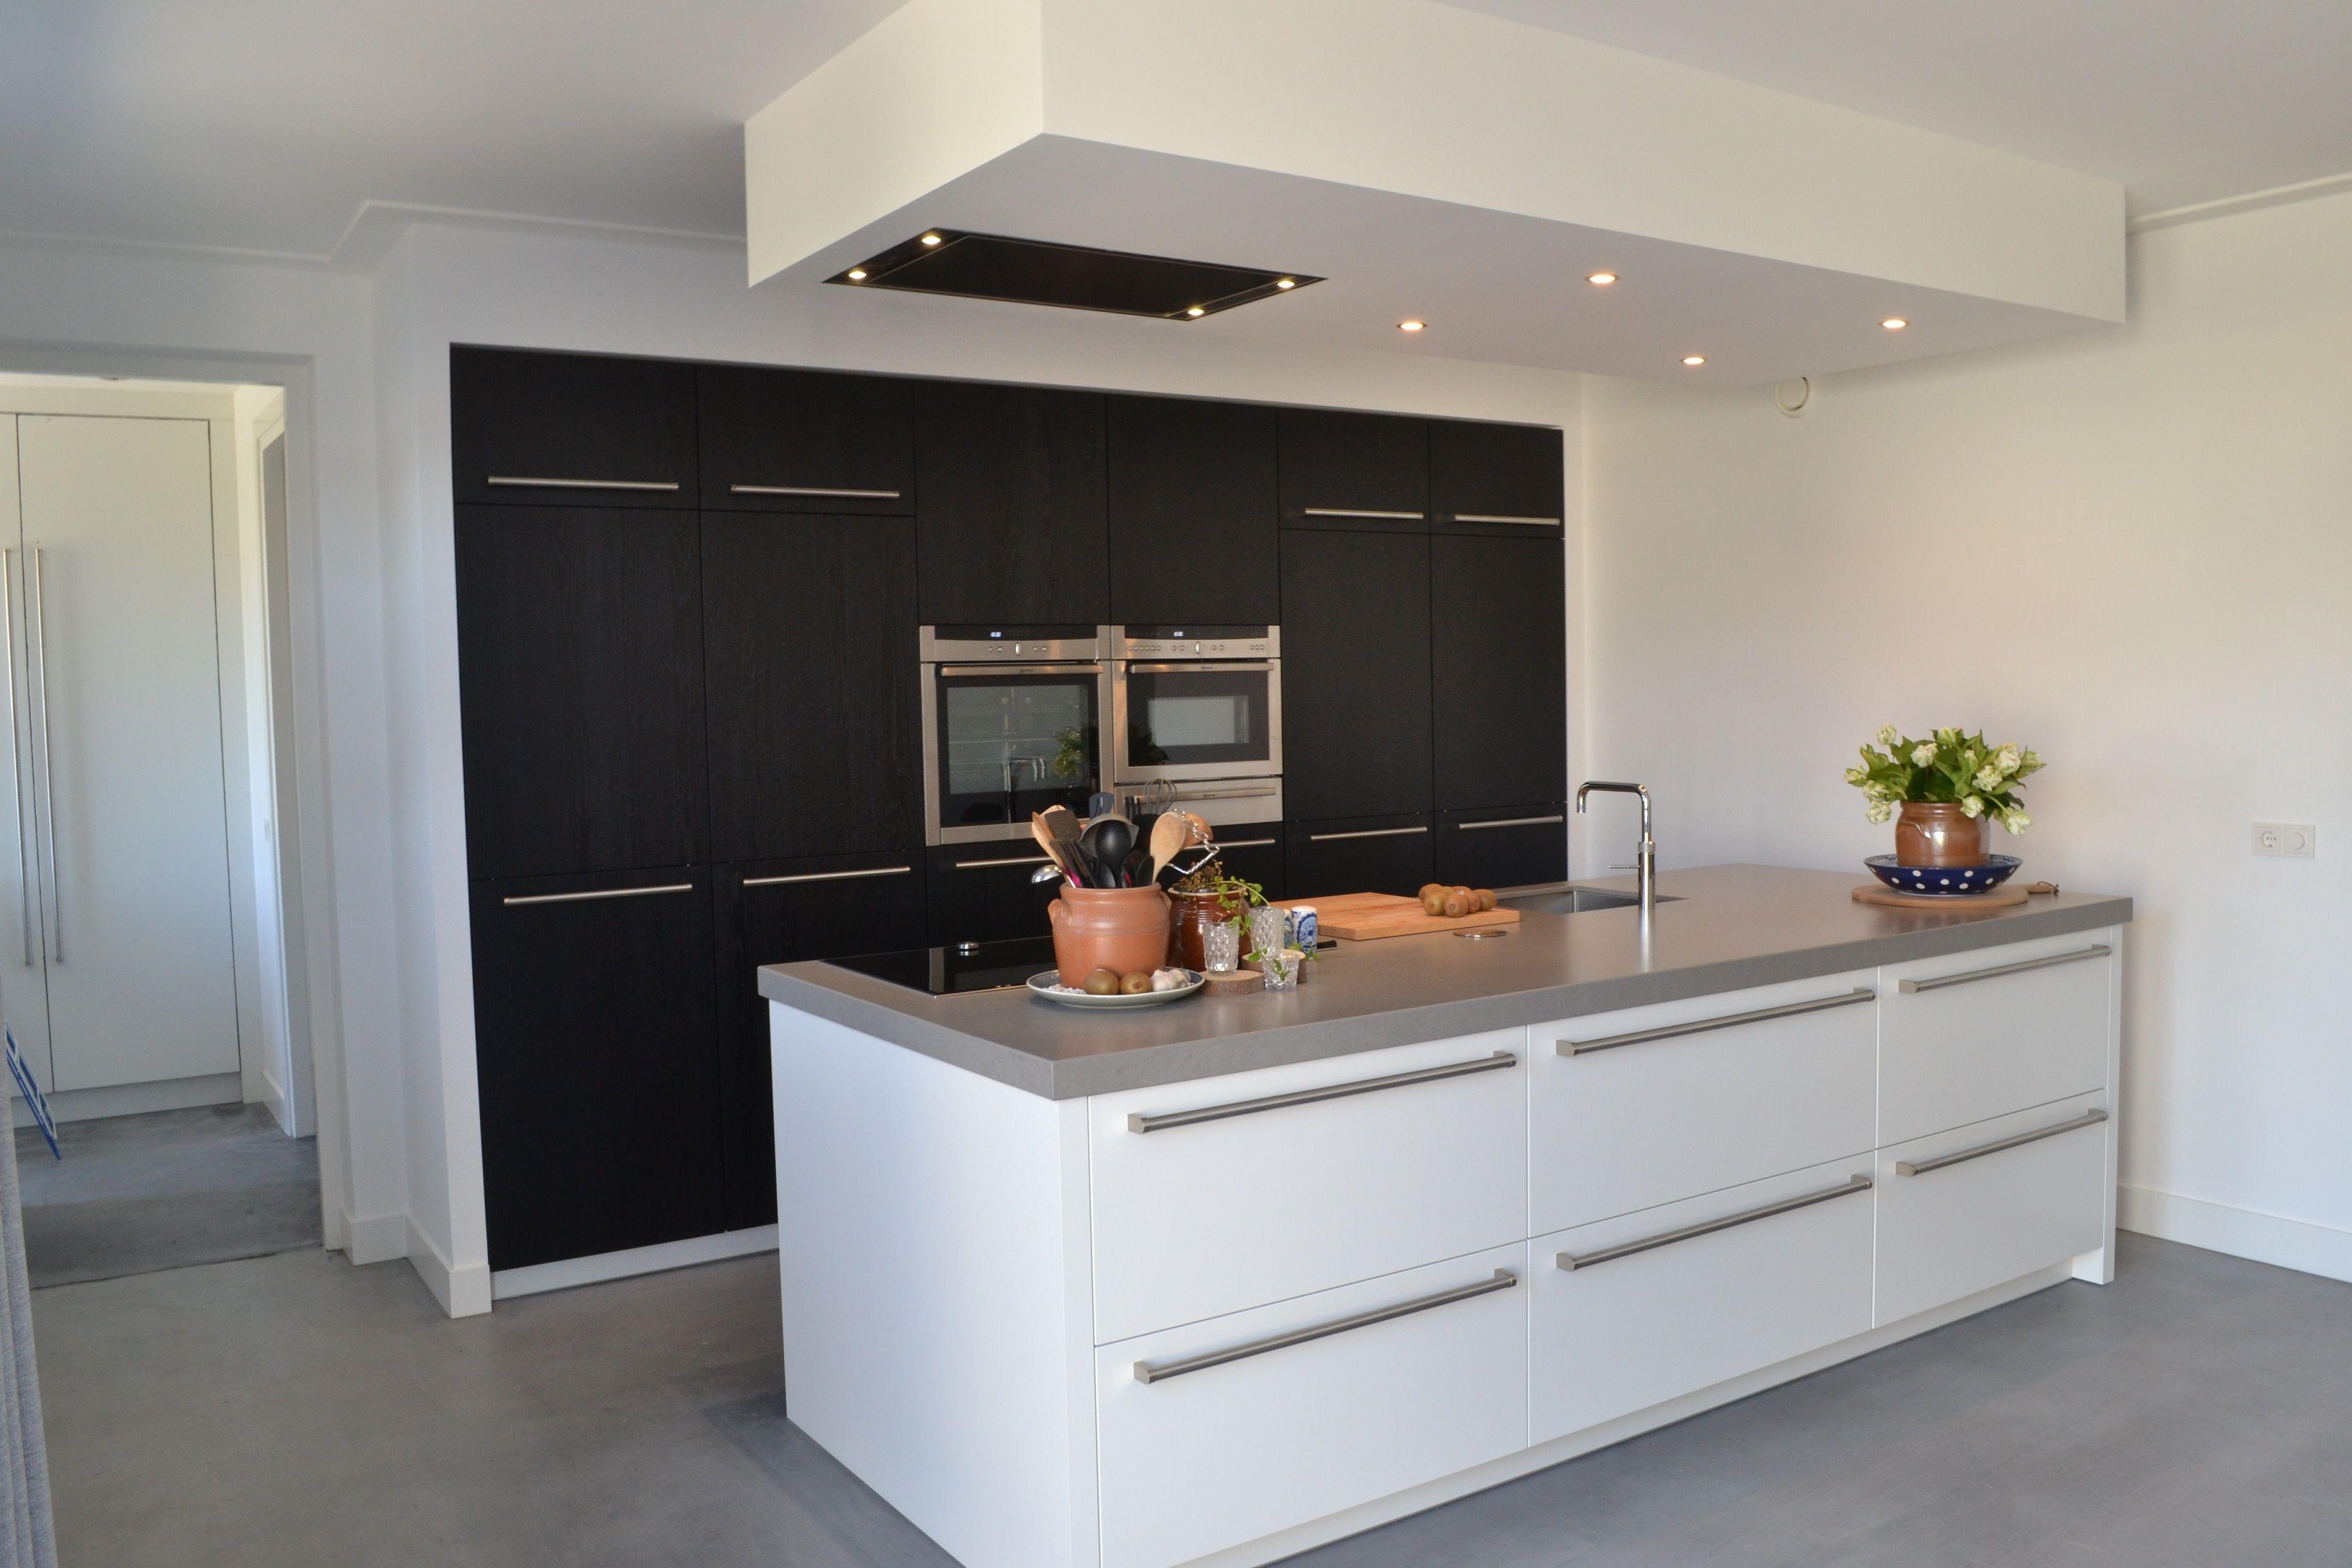 Keuken Eiken Zwart : Keuken eiken zwart nieuw showroom keukens fijnproevers sherwood